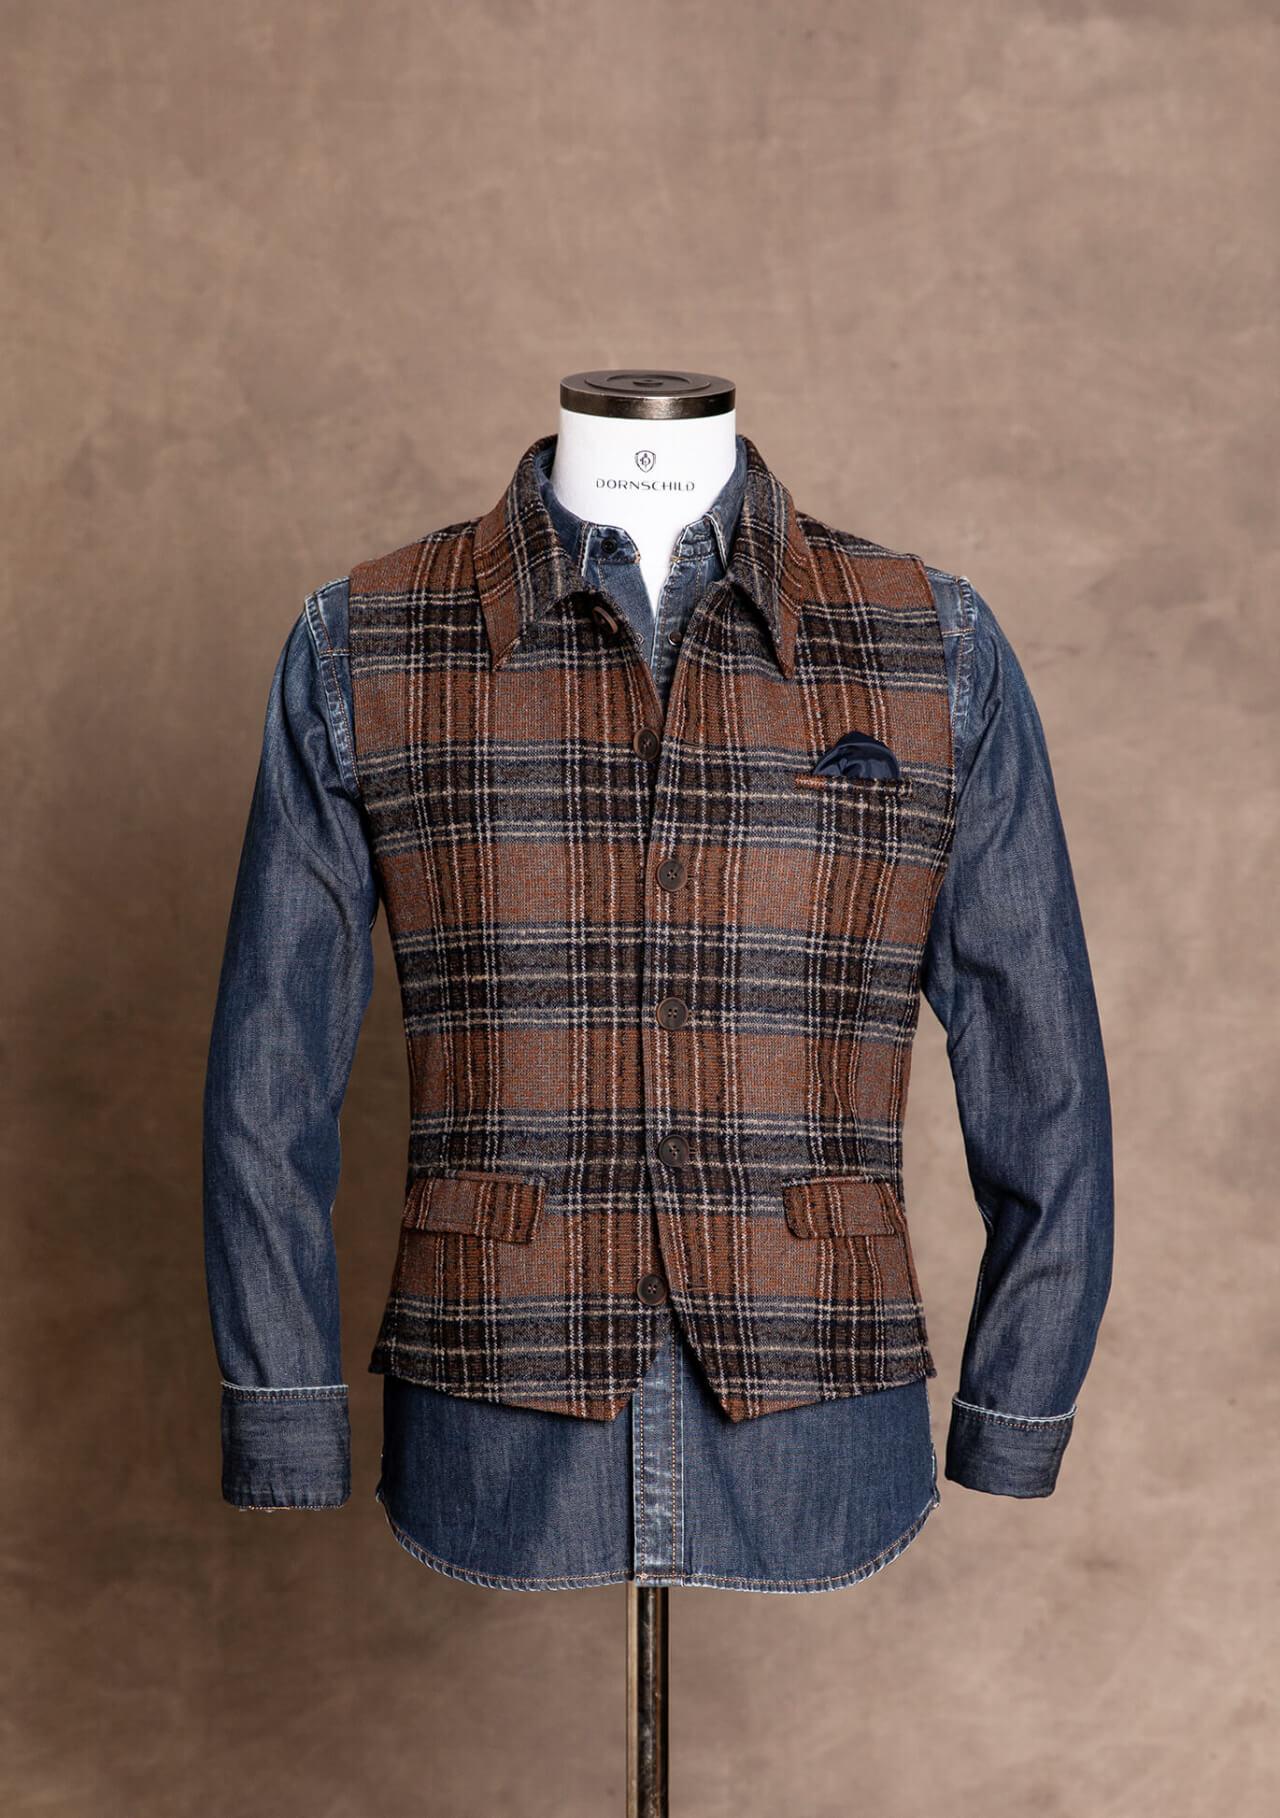 Lässige, modische und schicke Premium Herrenweste Gilet von DORNSCHILD Braun Grau Blau kariert im Jeanswesten Style aus feinstem italienischen Stoff. Premium Herrenweste handgemacht in Europa.